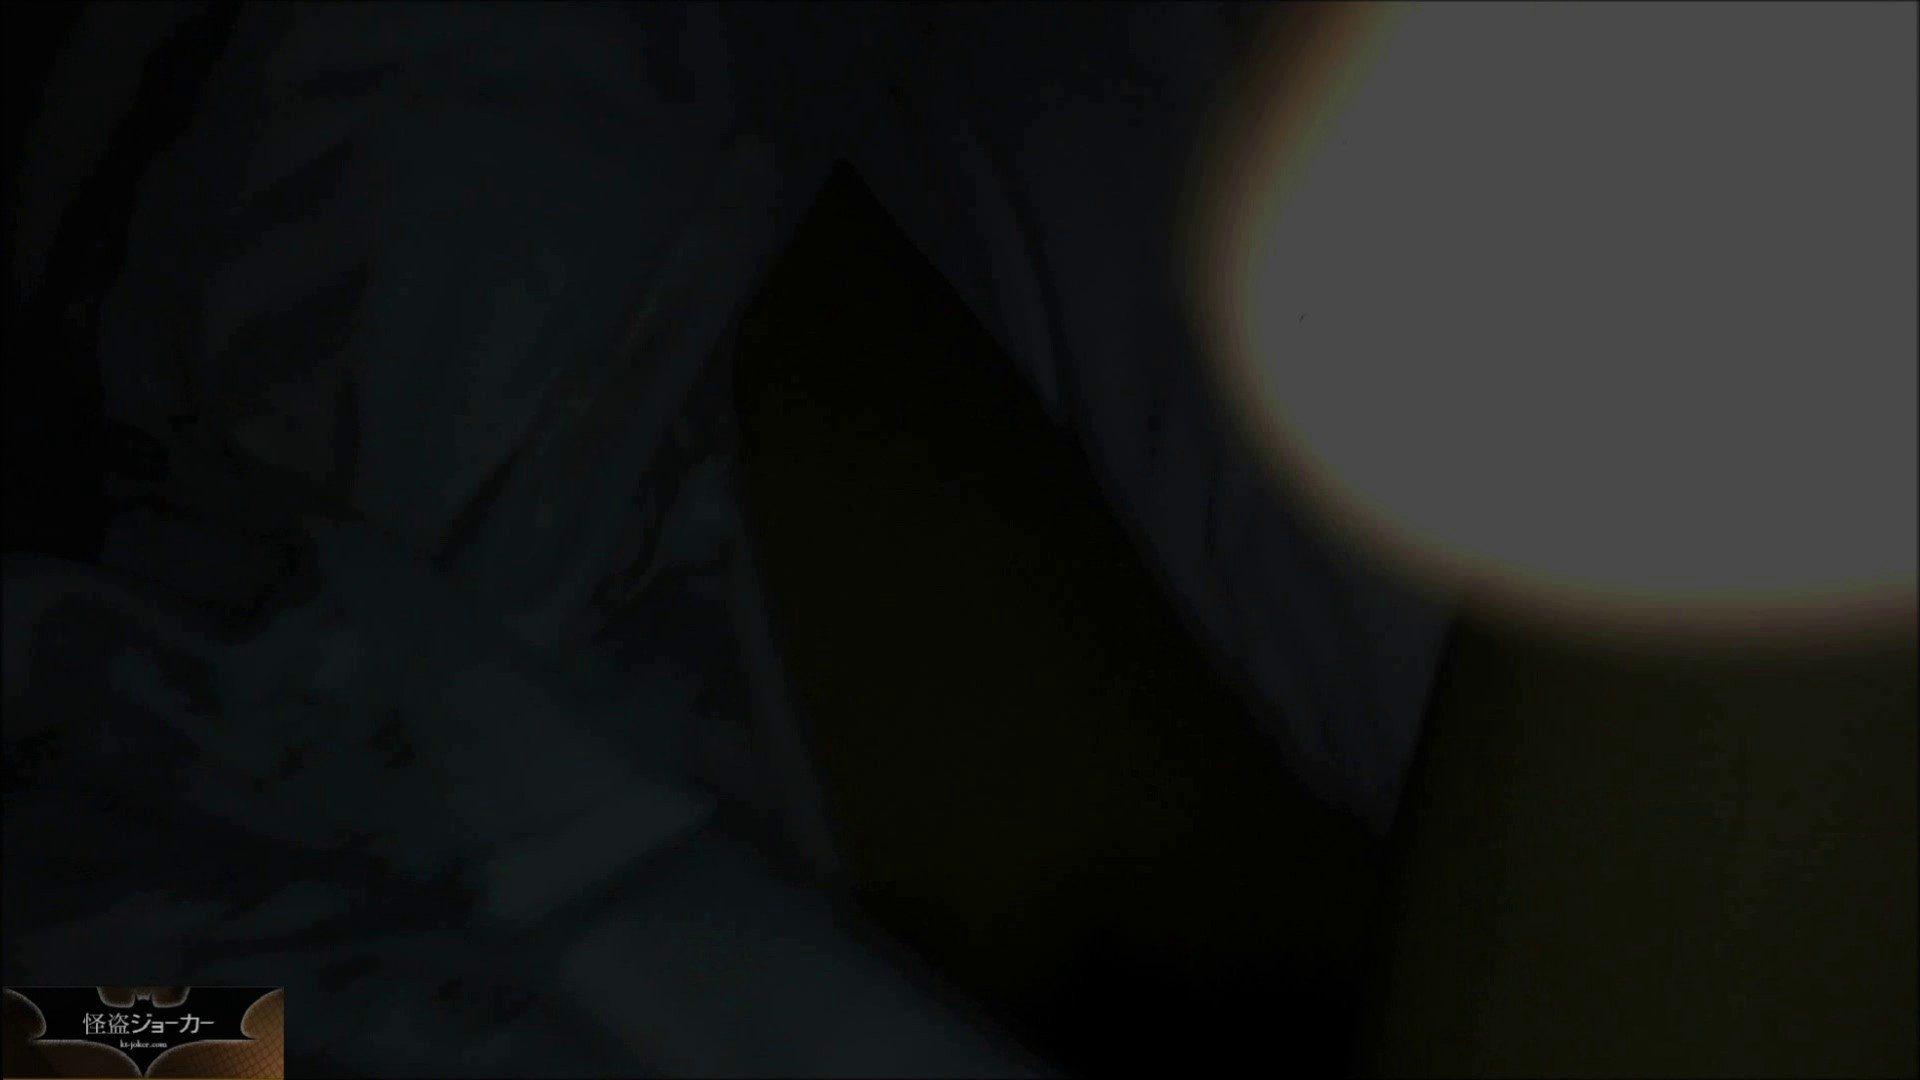 【未公開】vol.73 極嬢ルックスの持ち主・kotoneちゃん弄り倒し! 日焼け  64pic 62